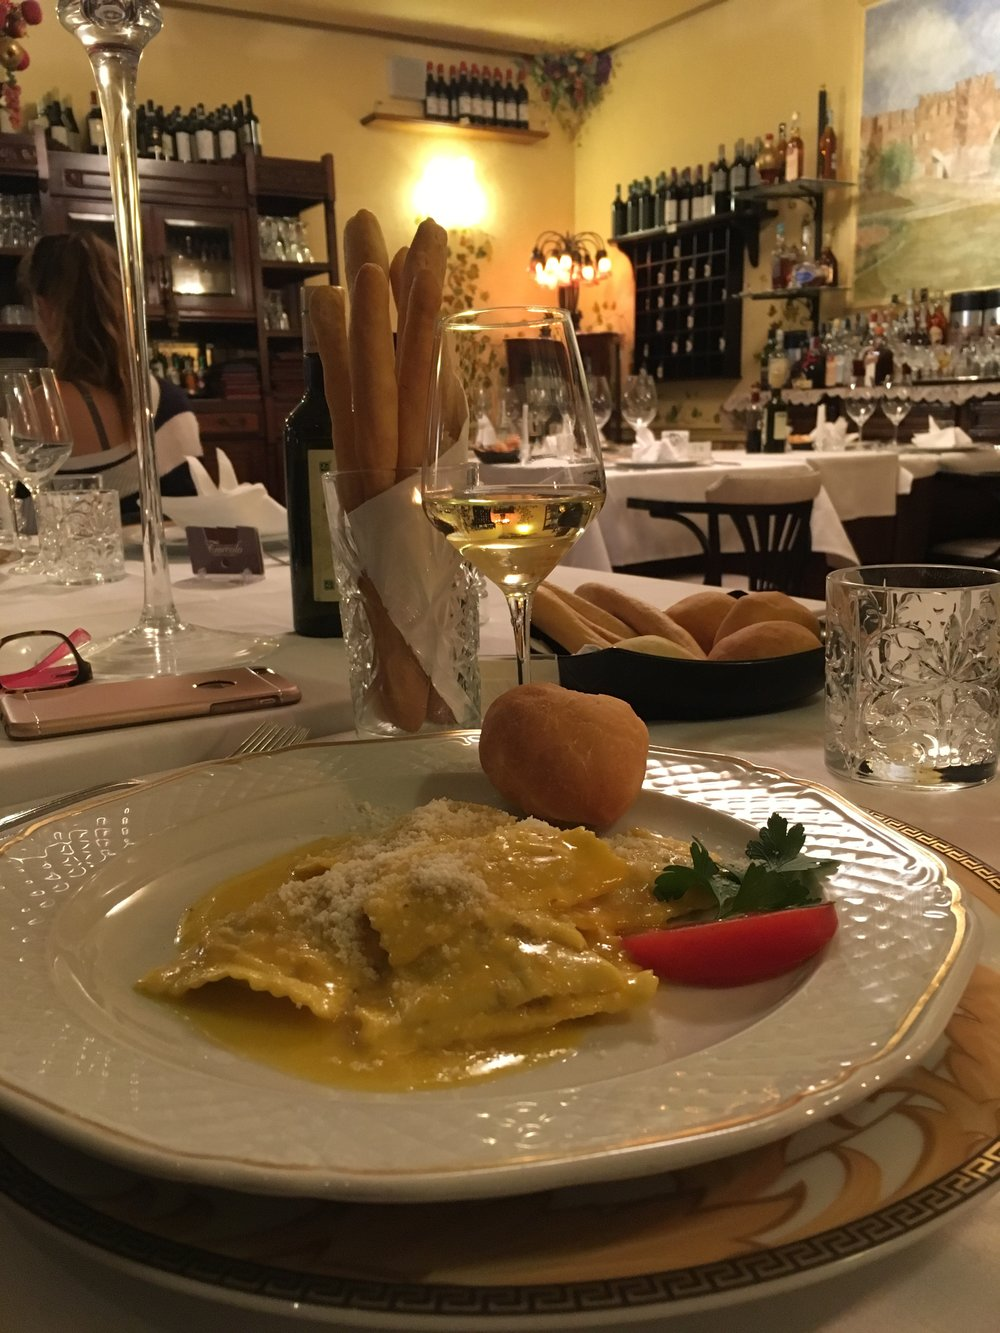 Fine dining at Ristorante Torcolo, Verona.